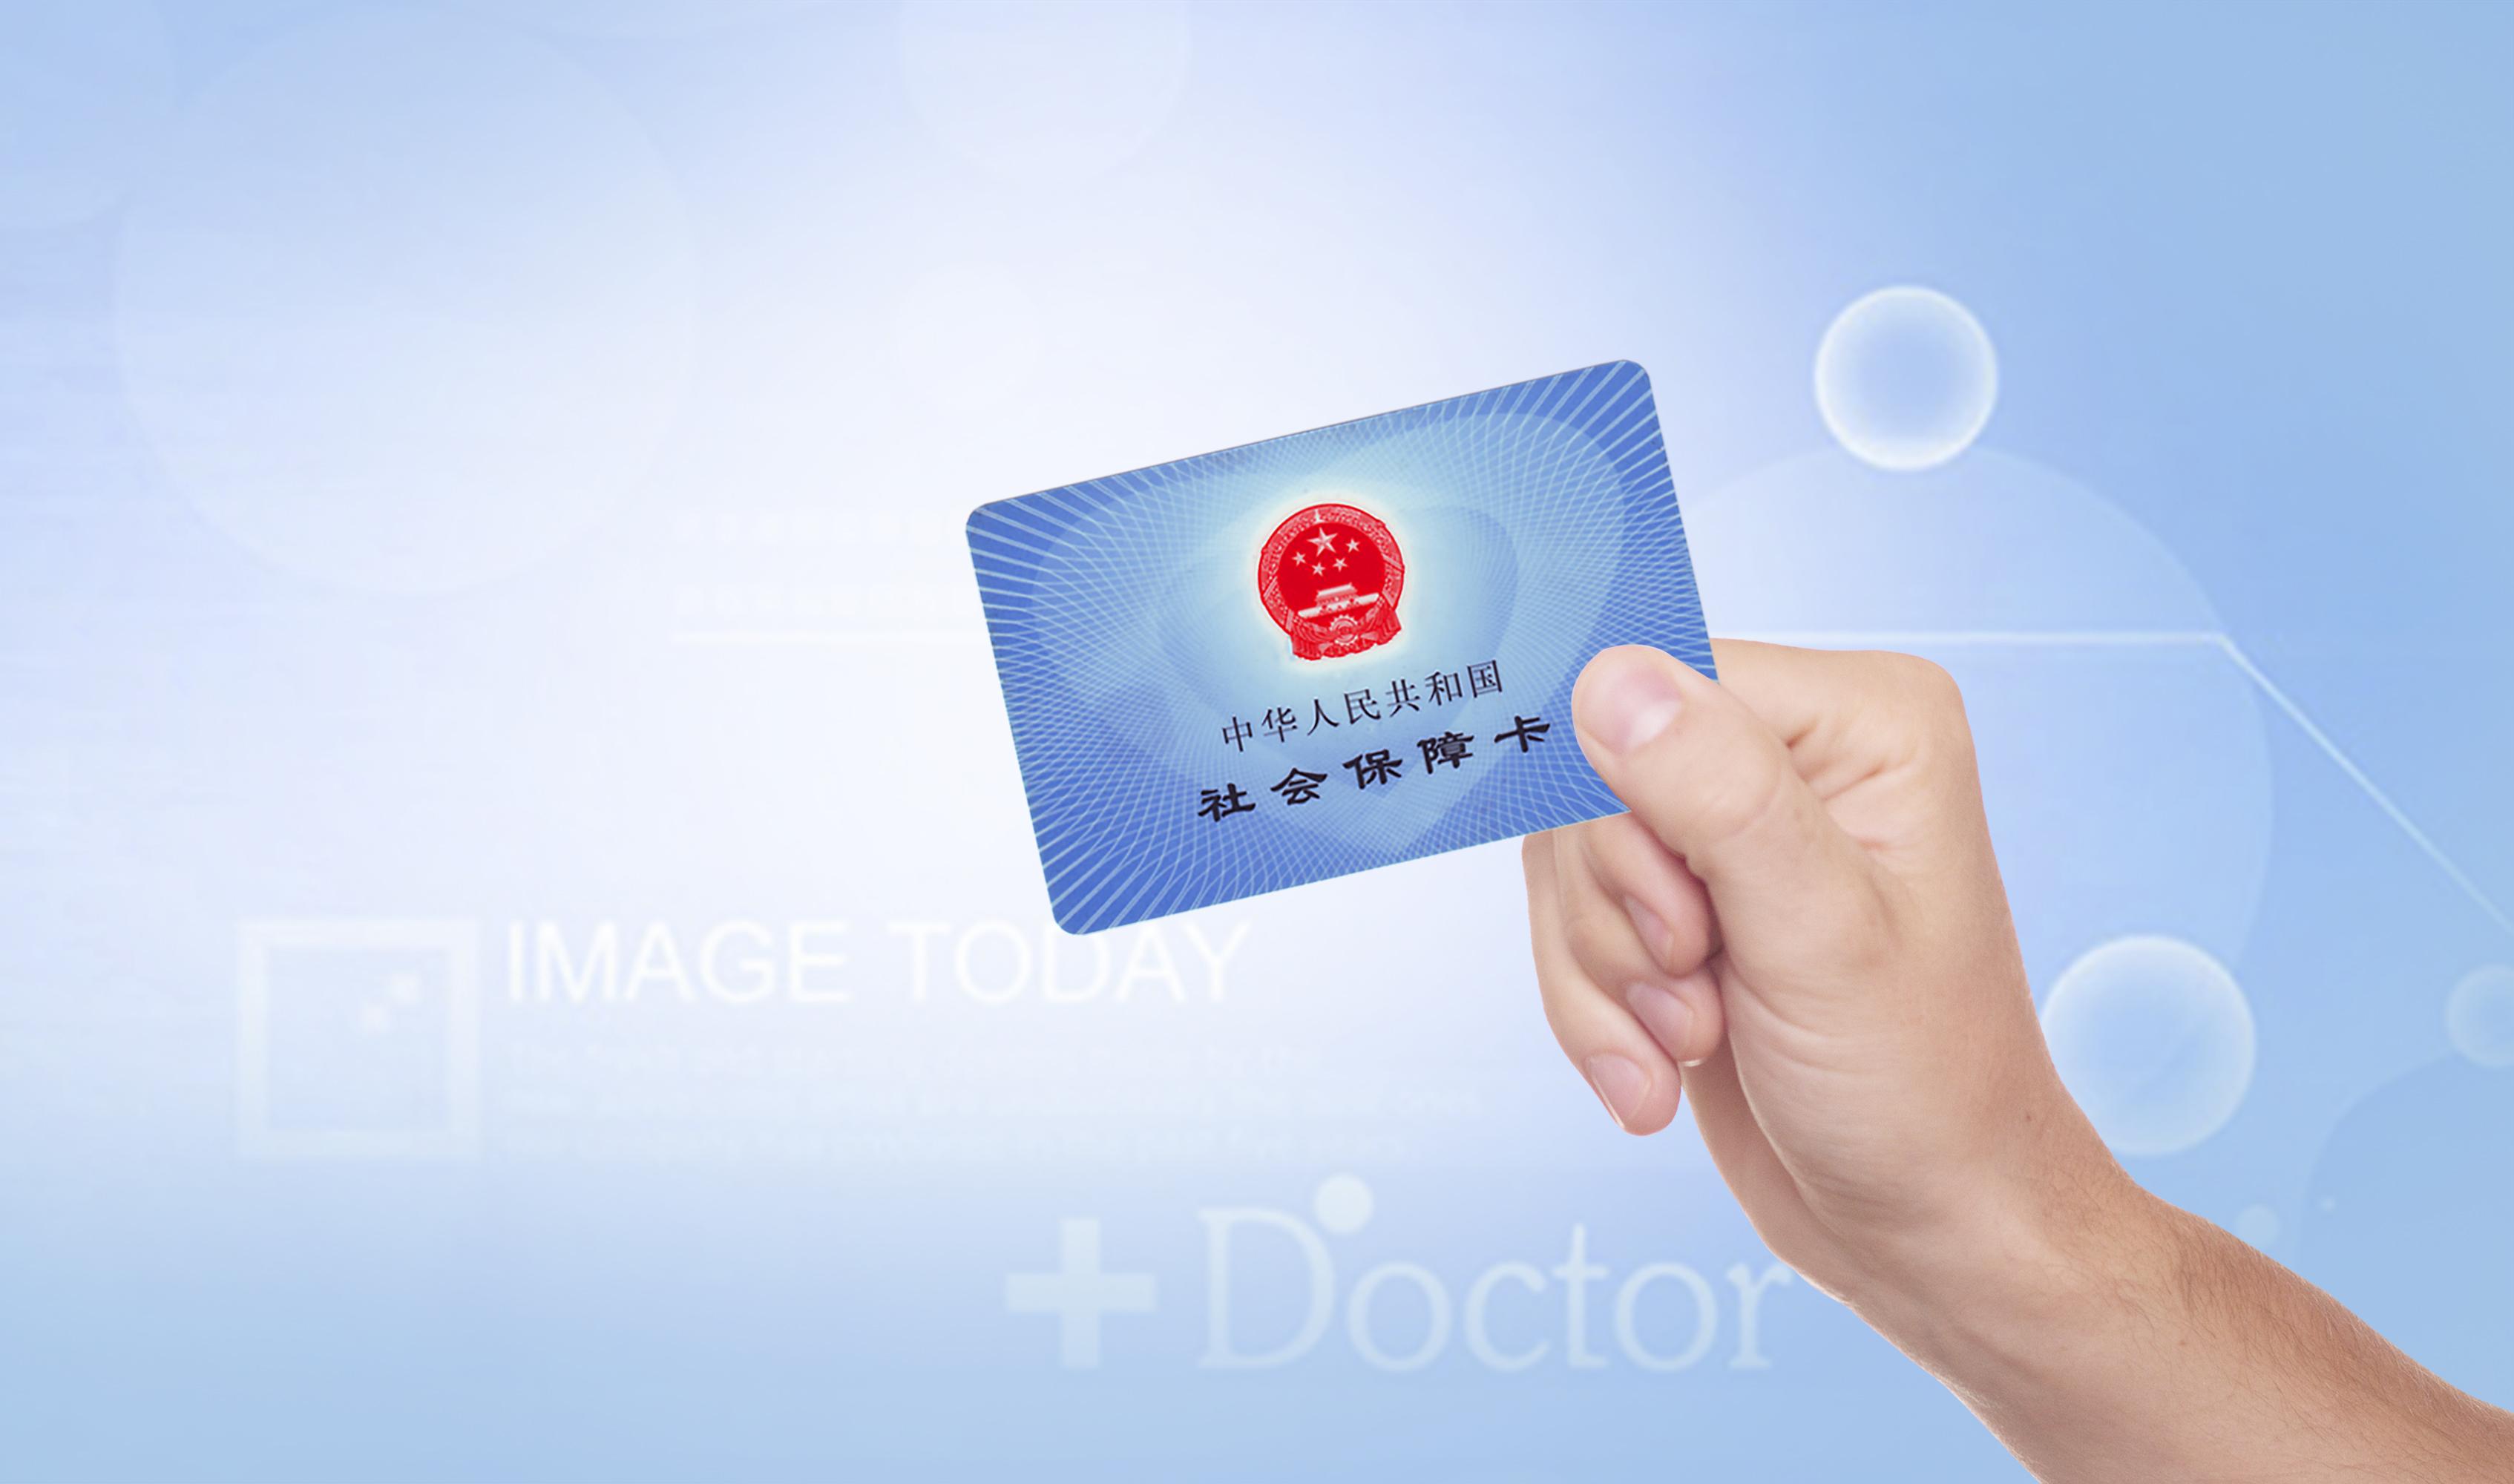 北京司机如果没有社保想要生存下去有多难?